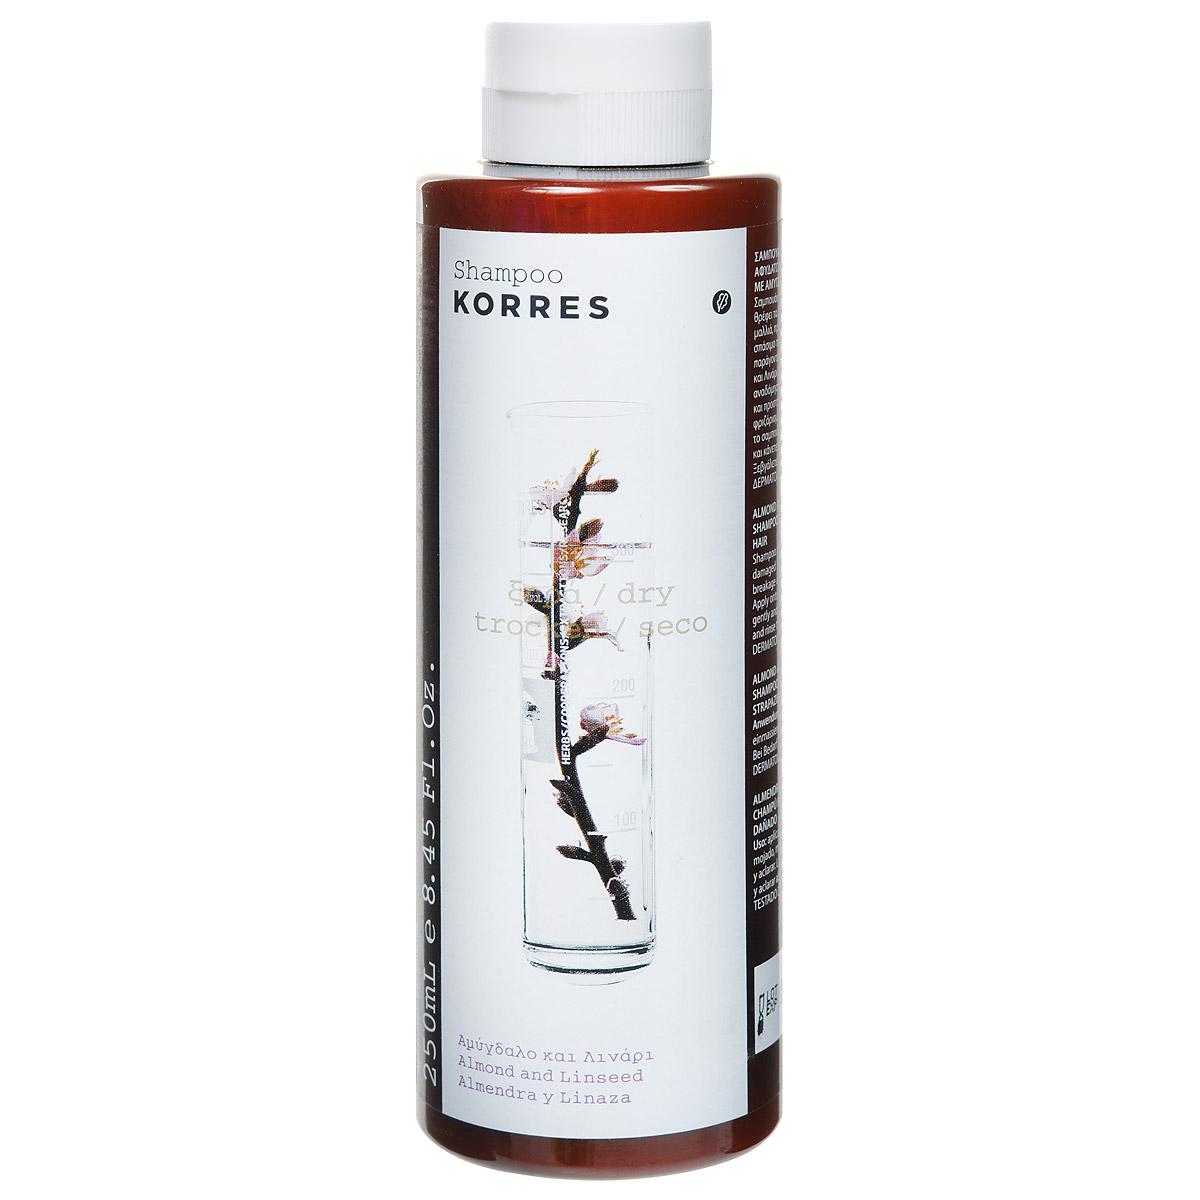 Korres Шампунь для нормальных, сухих и поврежденных волос, с миндалем и семенами льна, 250 мл520306904046784, 7% Натуральных ингредиентов. Шампунь питает сухие/поврежденные волосы, предотвращает их ломкость и сечение кончиков. Увлажняющие экстракты миндаля и семян льна восстанавливают сухие волосы, облегчая их укладку.УНИКАЛЬНАЯ ФОРМУЛА, СОСТАВЛЯЮЩАЯ ОСНОВУ. СРЕДСТВ ПО УХОДУ ЗА ВОЛОСАМИ: 1) Комплекс PURE360 основан на синергичном действии двух 100% натуральных комплексных систем Hairspa и Plantasil Micro. Hairspa - биосистема полисахаридов: - Увлажняет кожу головы и волосы; - Способствует восстановлению волос; - Нормализует баланс экосистемы волос, обеспечивая защиту от перхоти; Plantasil Micro - смягчающее вещество: - Обеспечивает распутывание и легкость расчесывания; - Улучшает общий внешний вид волос (придает объем, блеск, эластичность, предотвращение появления мелких завитков); 2) Витамины группы B играют важную роль в восстановлении и поддержании здоровья волос и кожи головы: * Витамин B3 предотвращает появление преждевременной седины. С его участием образуется пигмент в волосах; * Провитамин B5 проникает в стержень волоса, обволакивая его эластичной пленкой внутри и снаружи, это способствует гибкости и эластичности внутри волоса и придает блеск снаружи; обеспечивает увлажнение кожи головы и волоса; 3) Растения - эндемики о.Крит: Горный чай, Ясенец, Душица (эндемики - растения, обитающие в пределах ограниченного пространства, изолированного географически или экологически от других местообитаний (глубокие озёра, горы, острова)); - Оказывают комплексное противовоспалительное, антисептическое, антиоксидантное действие; - Обеспечивают защиту кожи головы и волос от вредного воздействия окружающей среды; - Способствуют уменьшению потери волос. Небольшое количество шампуня нанести массажными движениями на влажные волосы. Вспенить. Смыть. Нанести и вспенить второй раз. Подождать несколько минут и вновь ополоснуть водой.